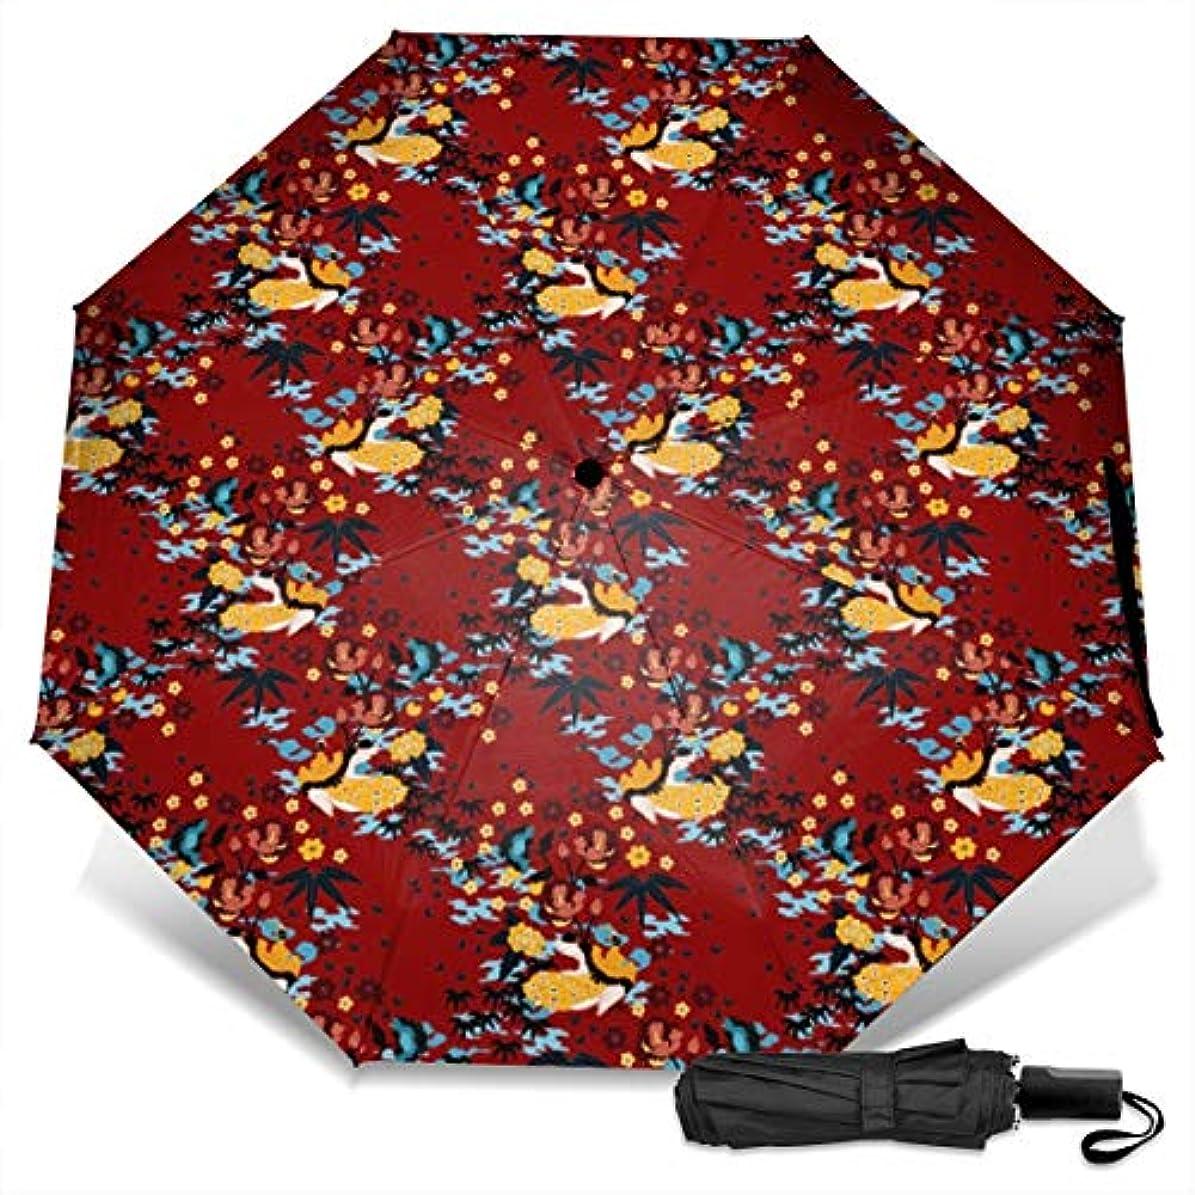 最終的に議論するペフ黄色の孔雀日傘 折りたたみ日傘 折り畳み日傘 超軽量 遮光率100% UVカット率99.9% UPF50+ 紫外線対策 遮熱効果 晴雨兼用 携帯便利 耐風撥水 手動 男女兼用